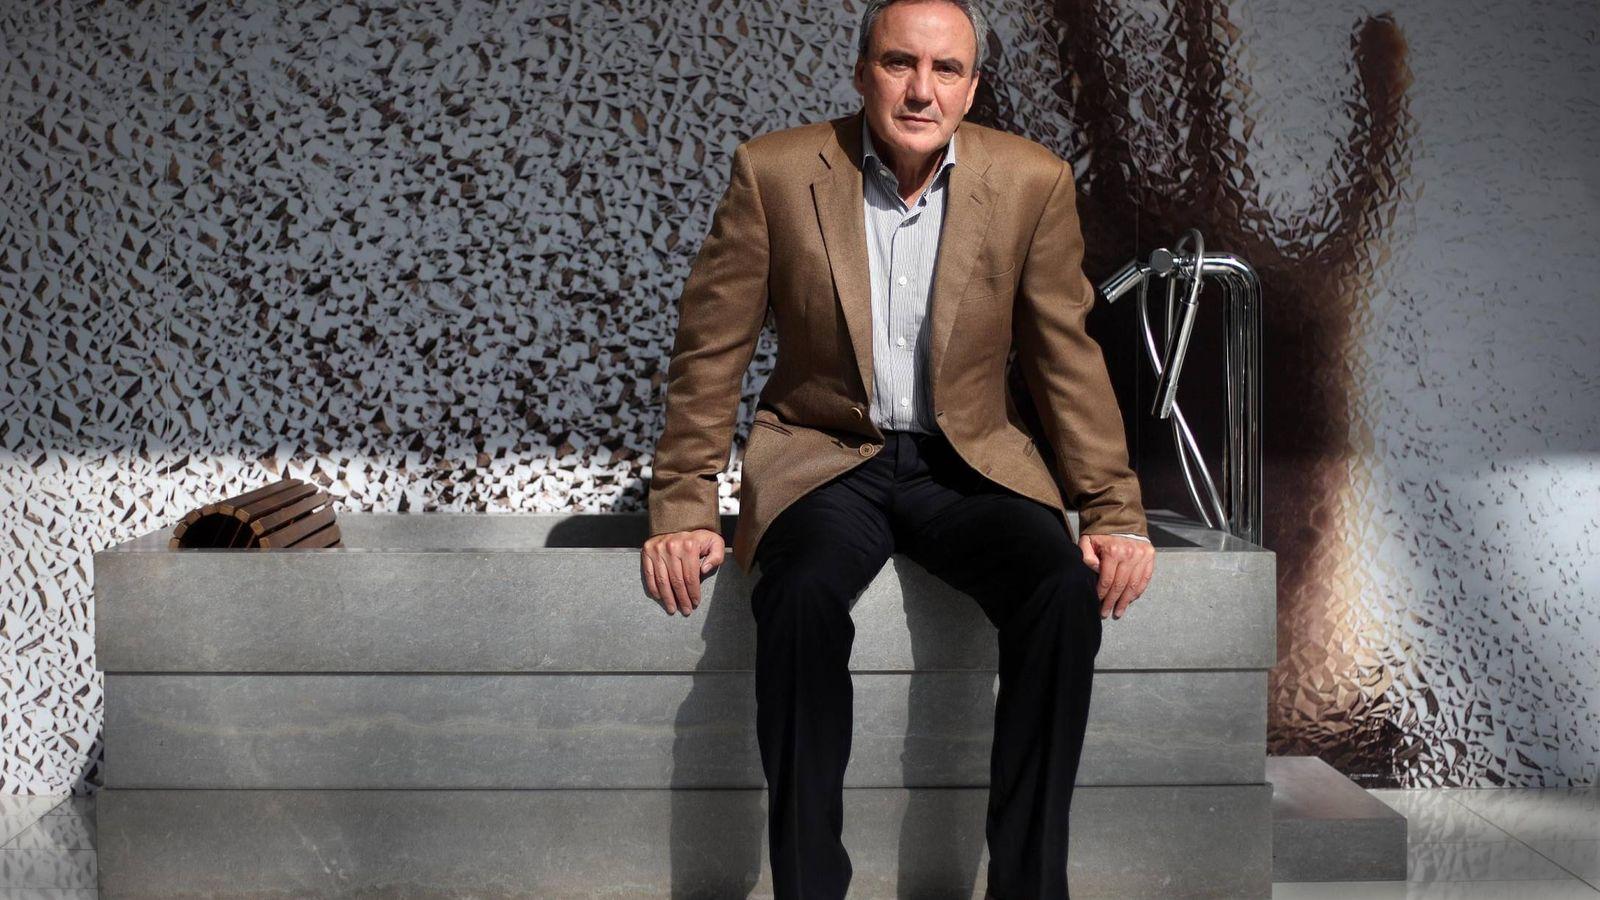 Foto: Francisco Martínez Cosentino, presidentel del grupo. (F. Ruso)